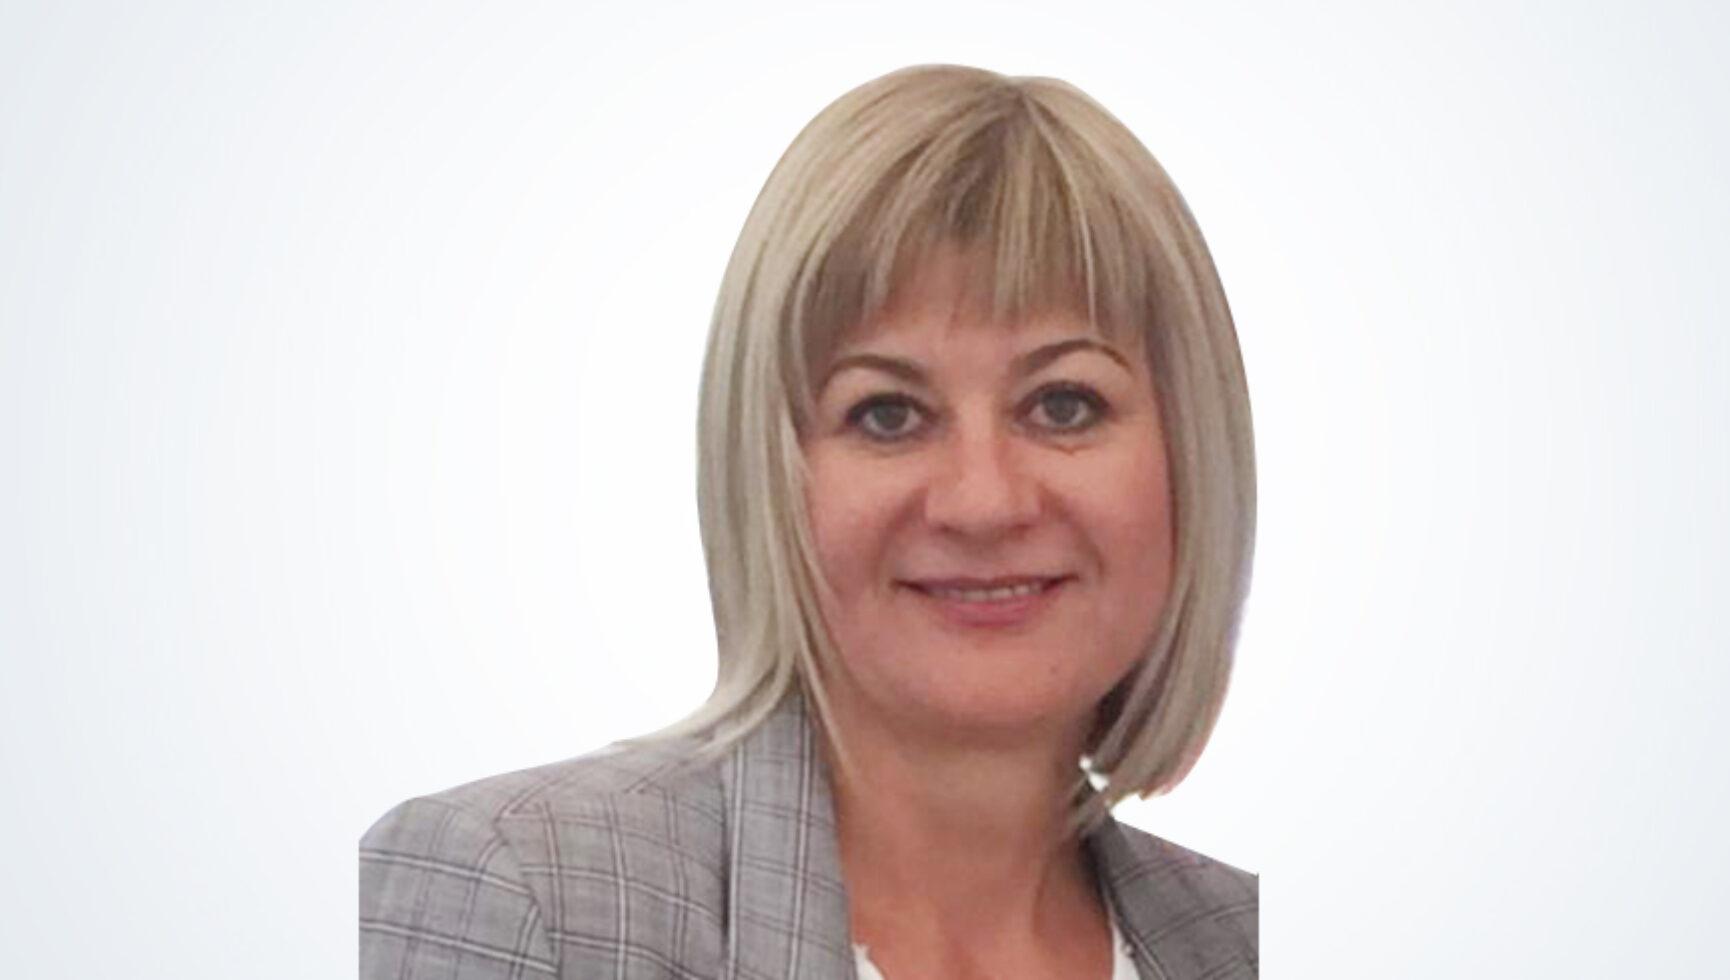 Поздравляем Струкову Наталью Владимировну, главу муниципального образования город Липки Киреевского района, с юбилеем!